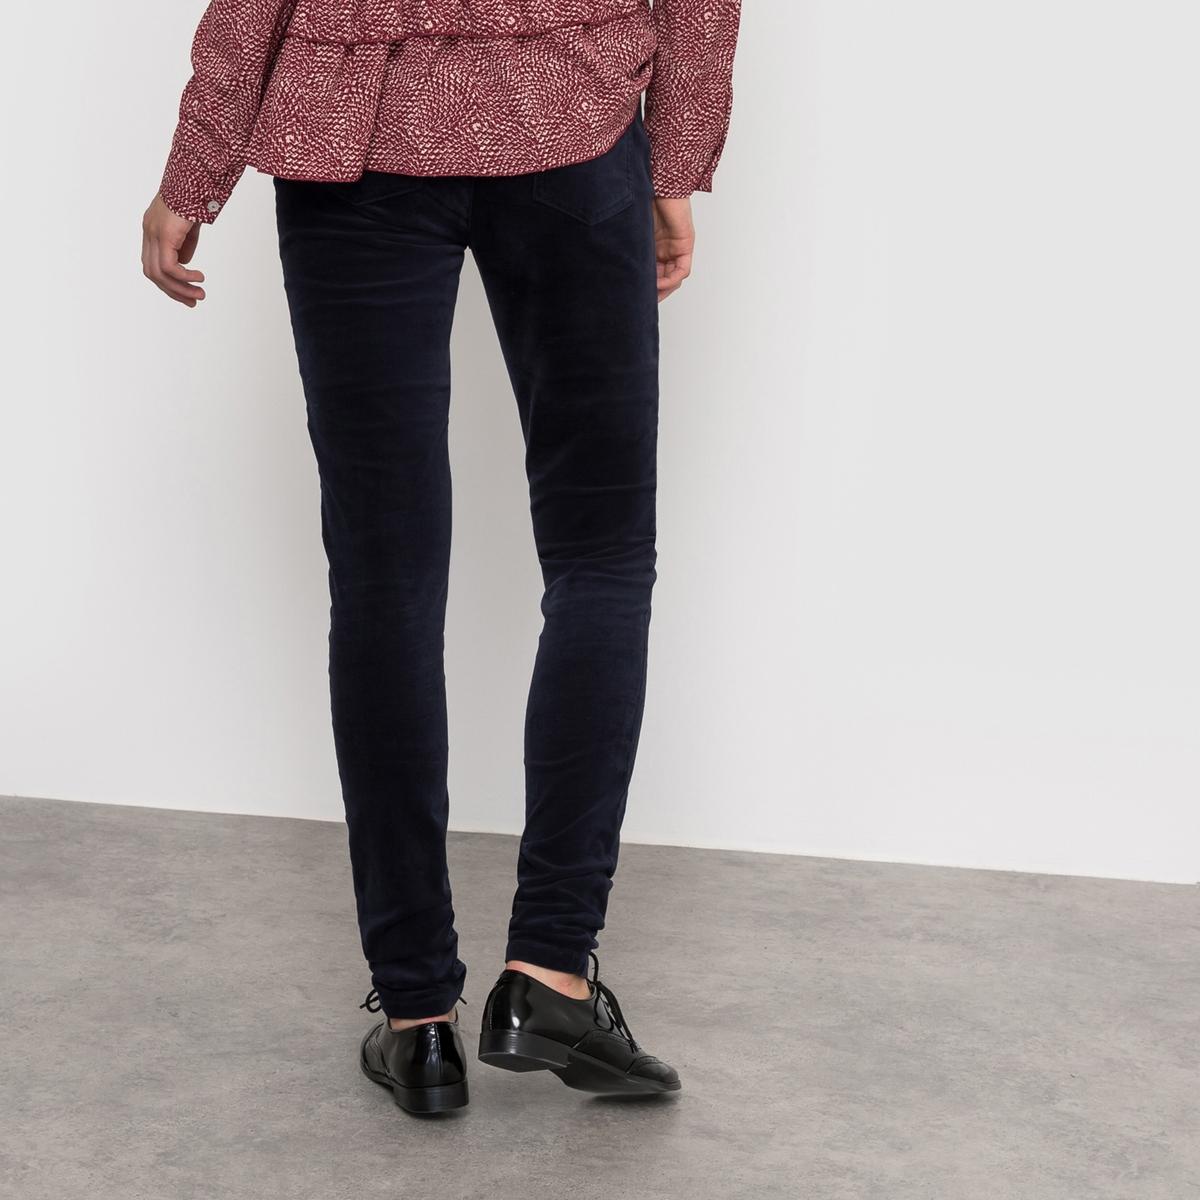 Брюки скинни велюровыеБрюки скинни R ?dition. Велюровые брюки. 5 карманов. Застежка на пуговицы. Пояс со шлевками. Планка застежки на молнию.Состав и описание :Материал : 98% хлопка, 2% эластанаМарка :      R ?ditionУходСтирка при 30° с одеждой подобного цвета - Стирать и гладить с изнанкиГладить при низкой температуре<br><br>Цвет: темно-синий